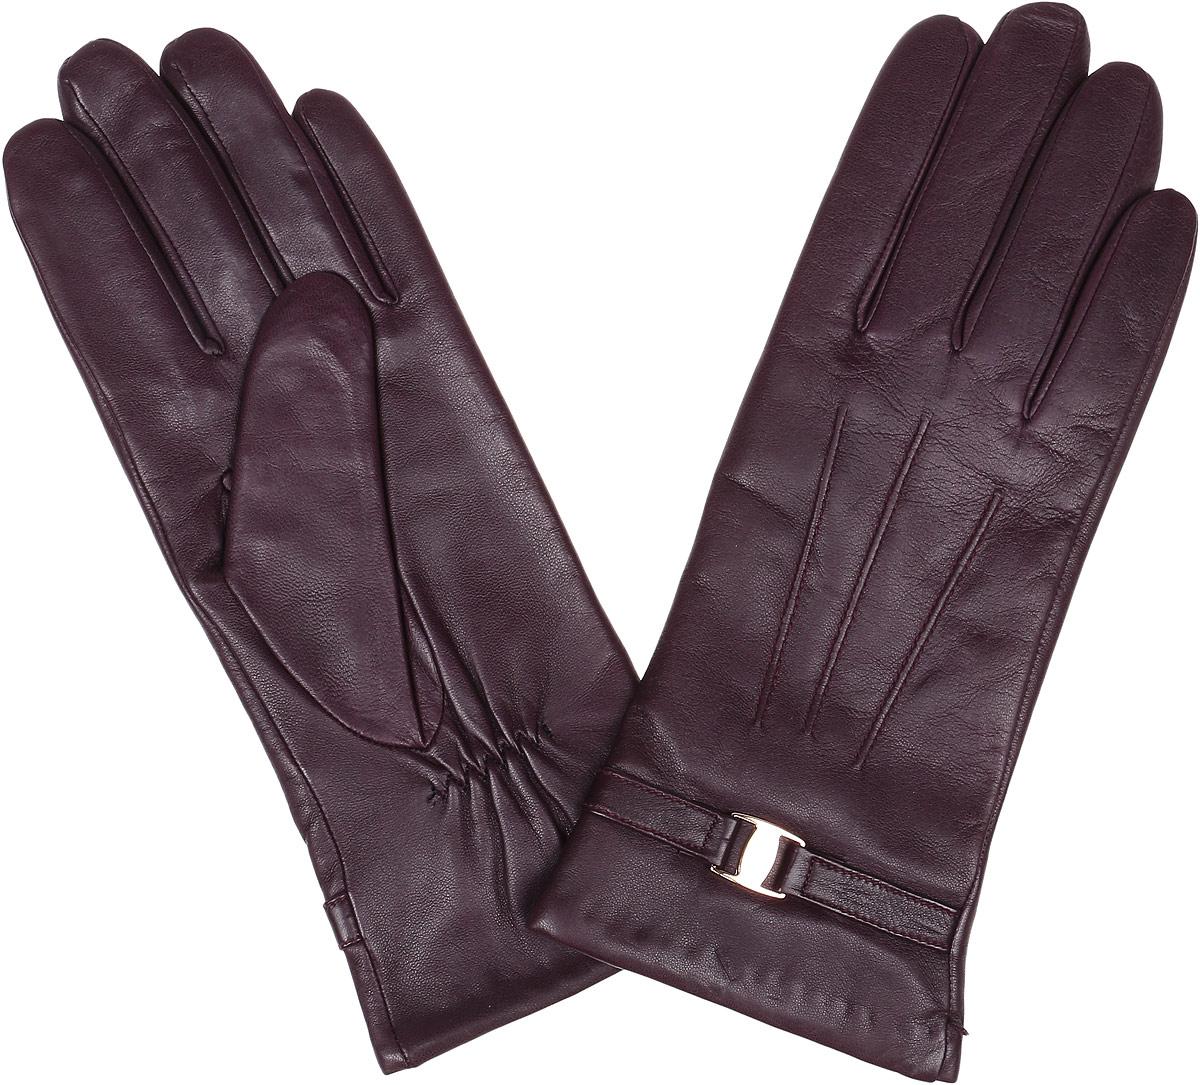 Перчатки женские Fabretti, цвет: бордовый. 2.39-8. Размер 6,52.39-8 bordoЭлегантные женские перчатки Fabretti станут великолепным дополнением вашего образа и защитят ваши руки от холода и ветра во время прогулок. Перчатки выполнены из натуральной кожи ягненка. Модель декорирована стильным ремешком с металлической вставкой. Такие перчатки будут оригинальным завершающим штрихом в создании современного модного образа, они подчеркнут ваш изысканный вкус и станут незаменимым и практичным аксессуаром.